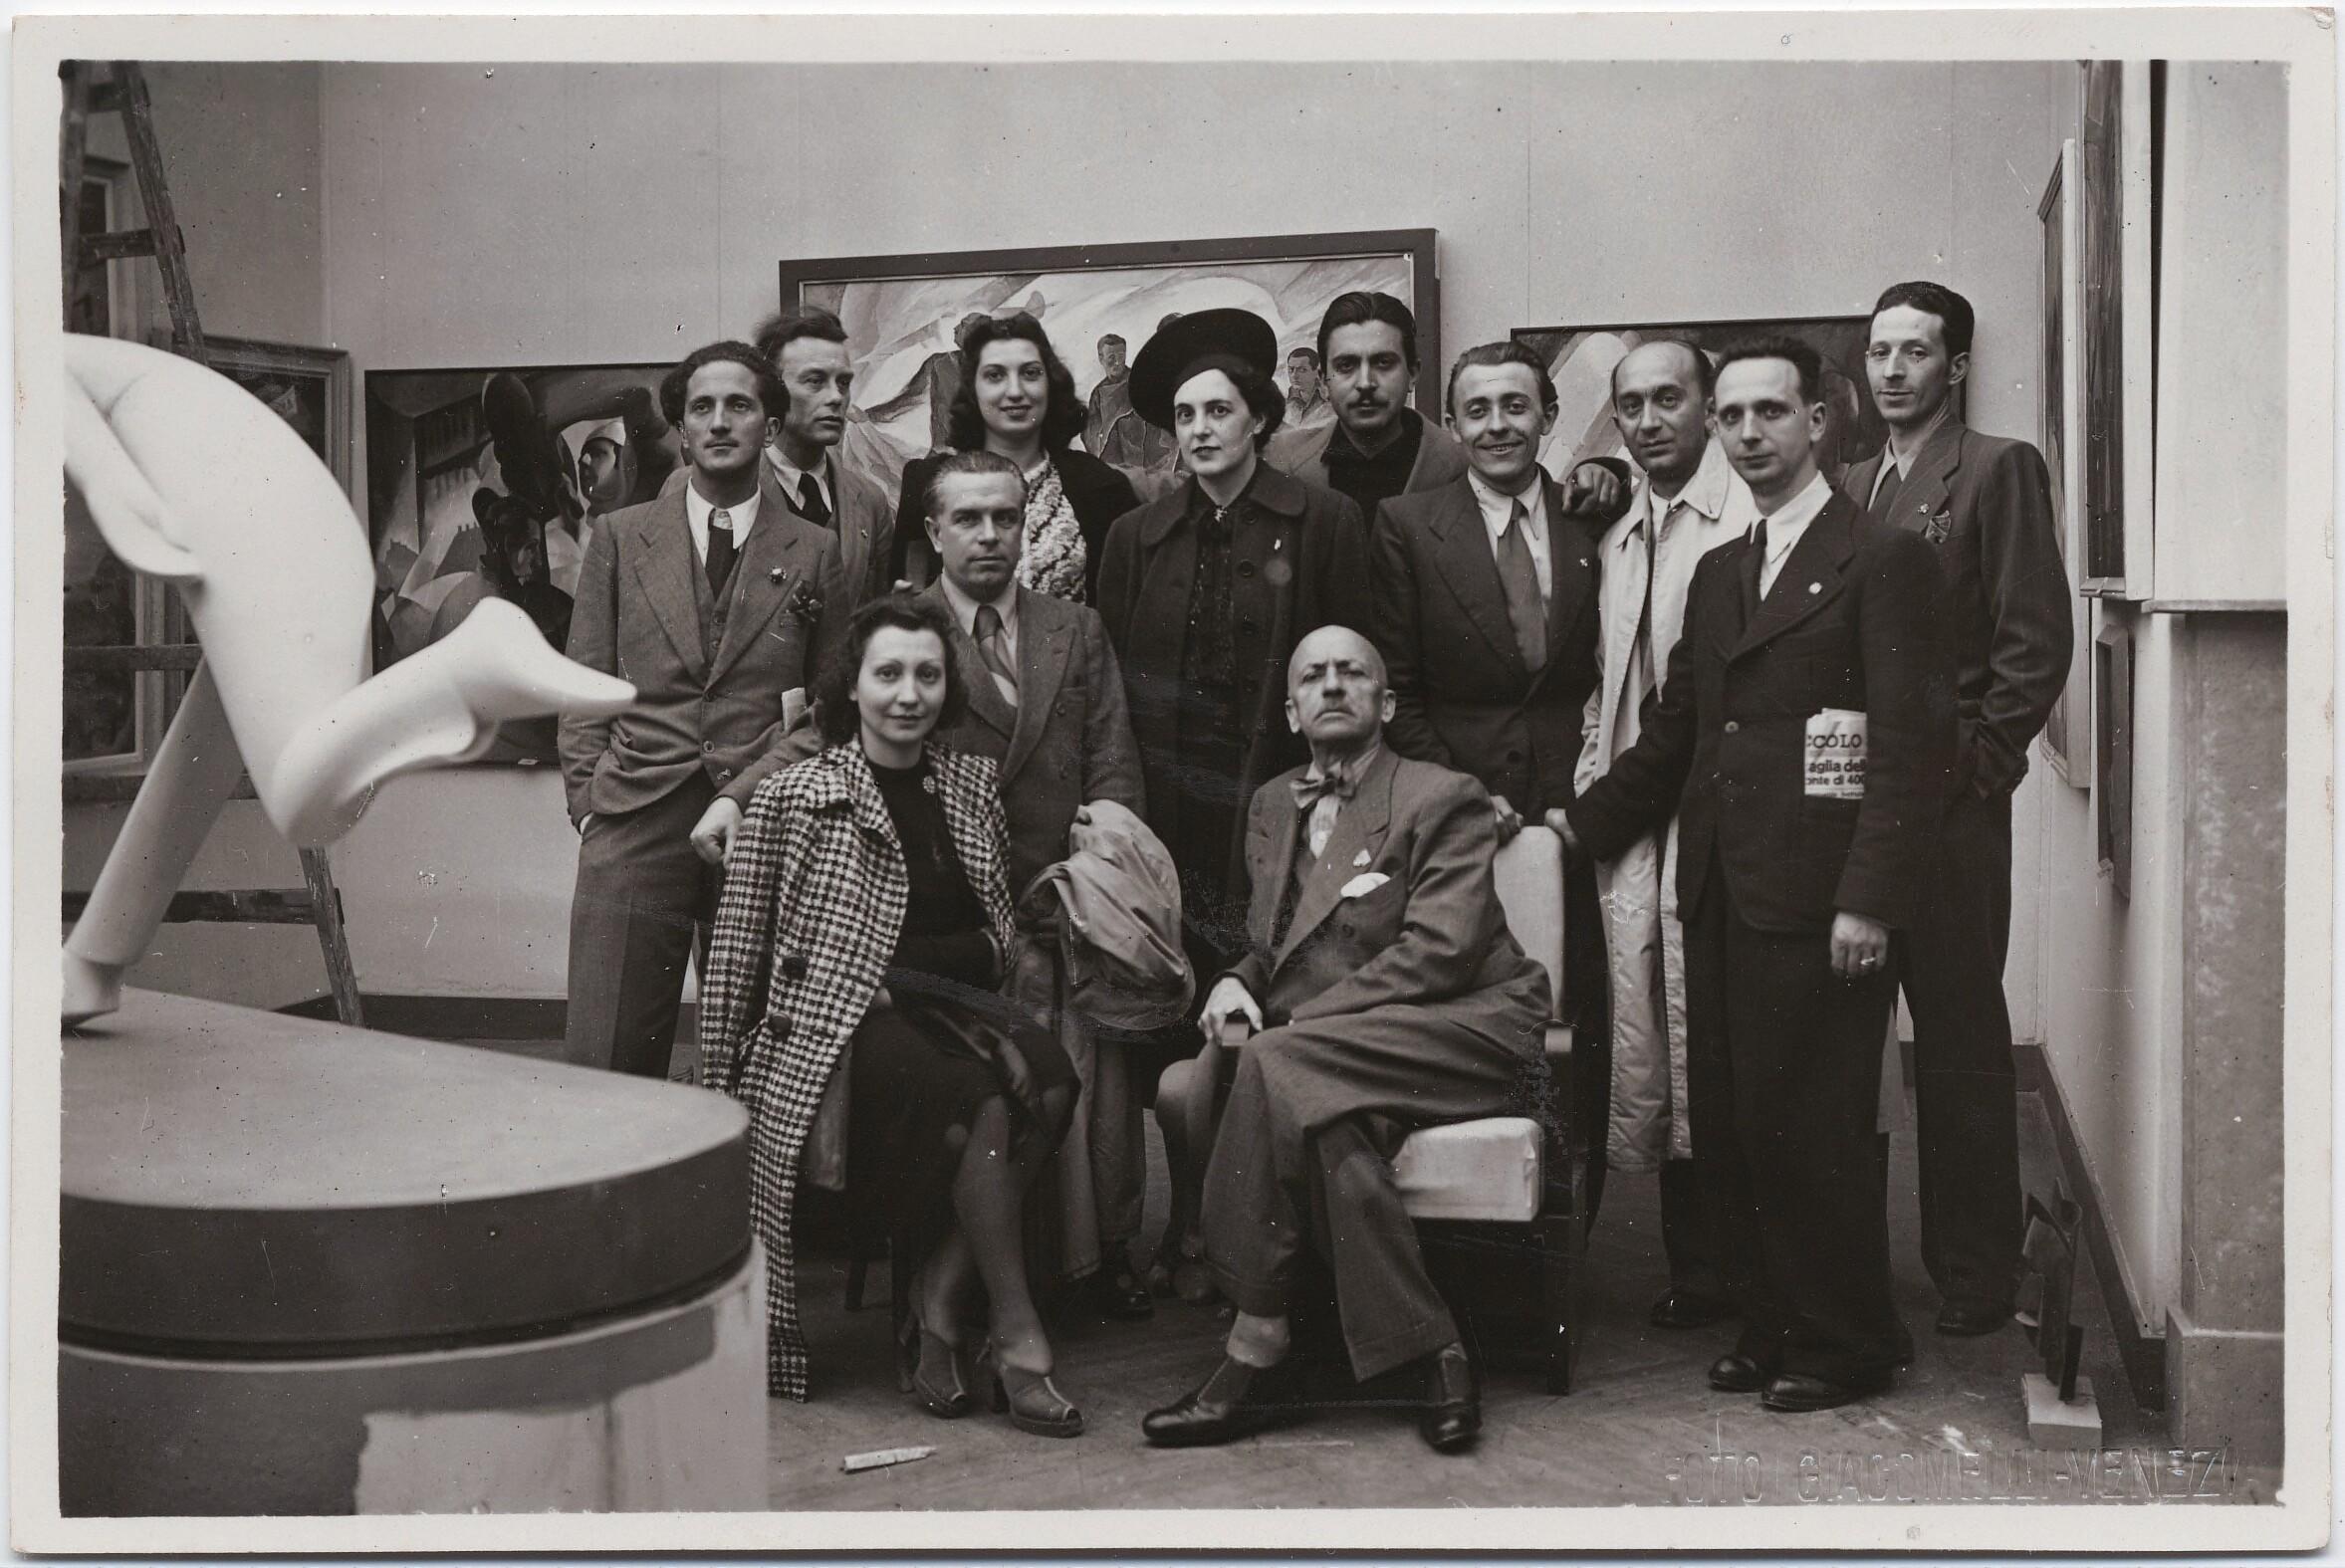 Венеция. Филиппо Томмазо Маринетти, Бенедетта Каппа Маринетти и Бруно Г. Санзин с другими на художественной выставке